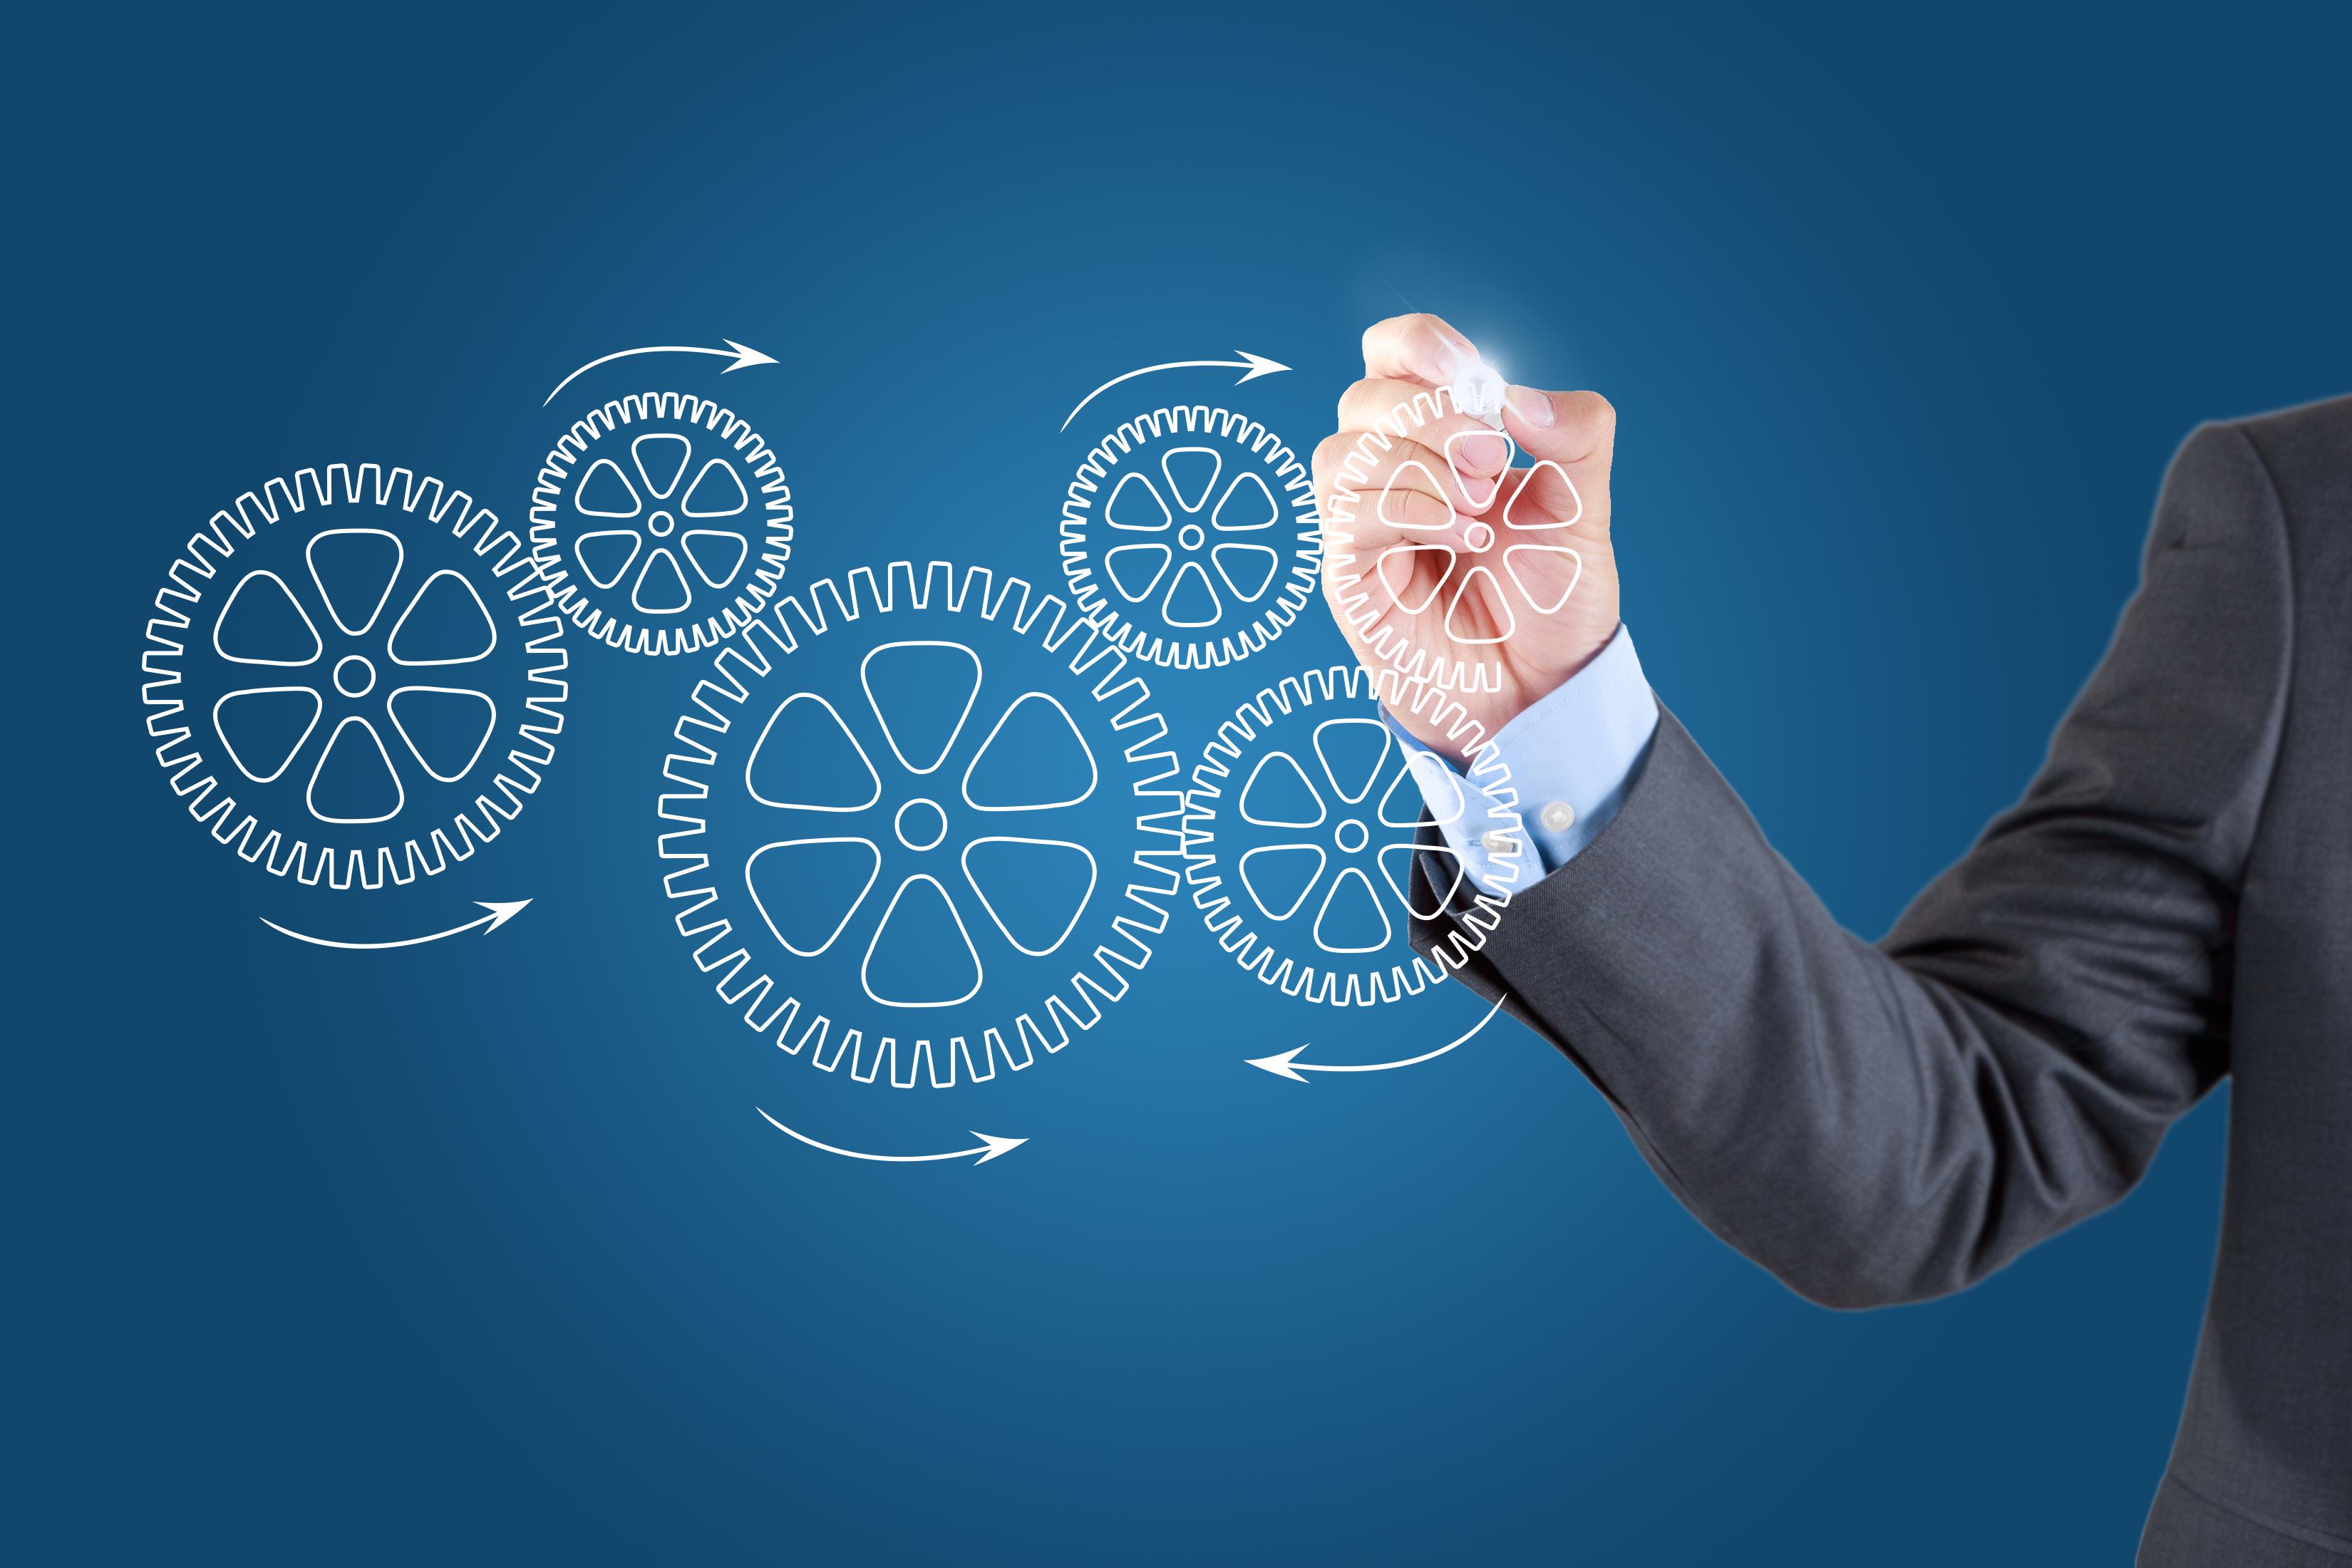 松下伺服驱动器参数设置与常见故障解决分析